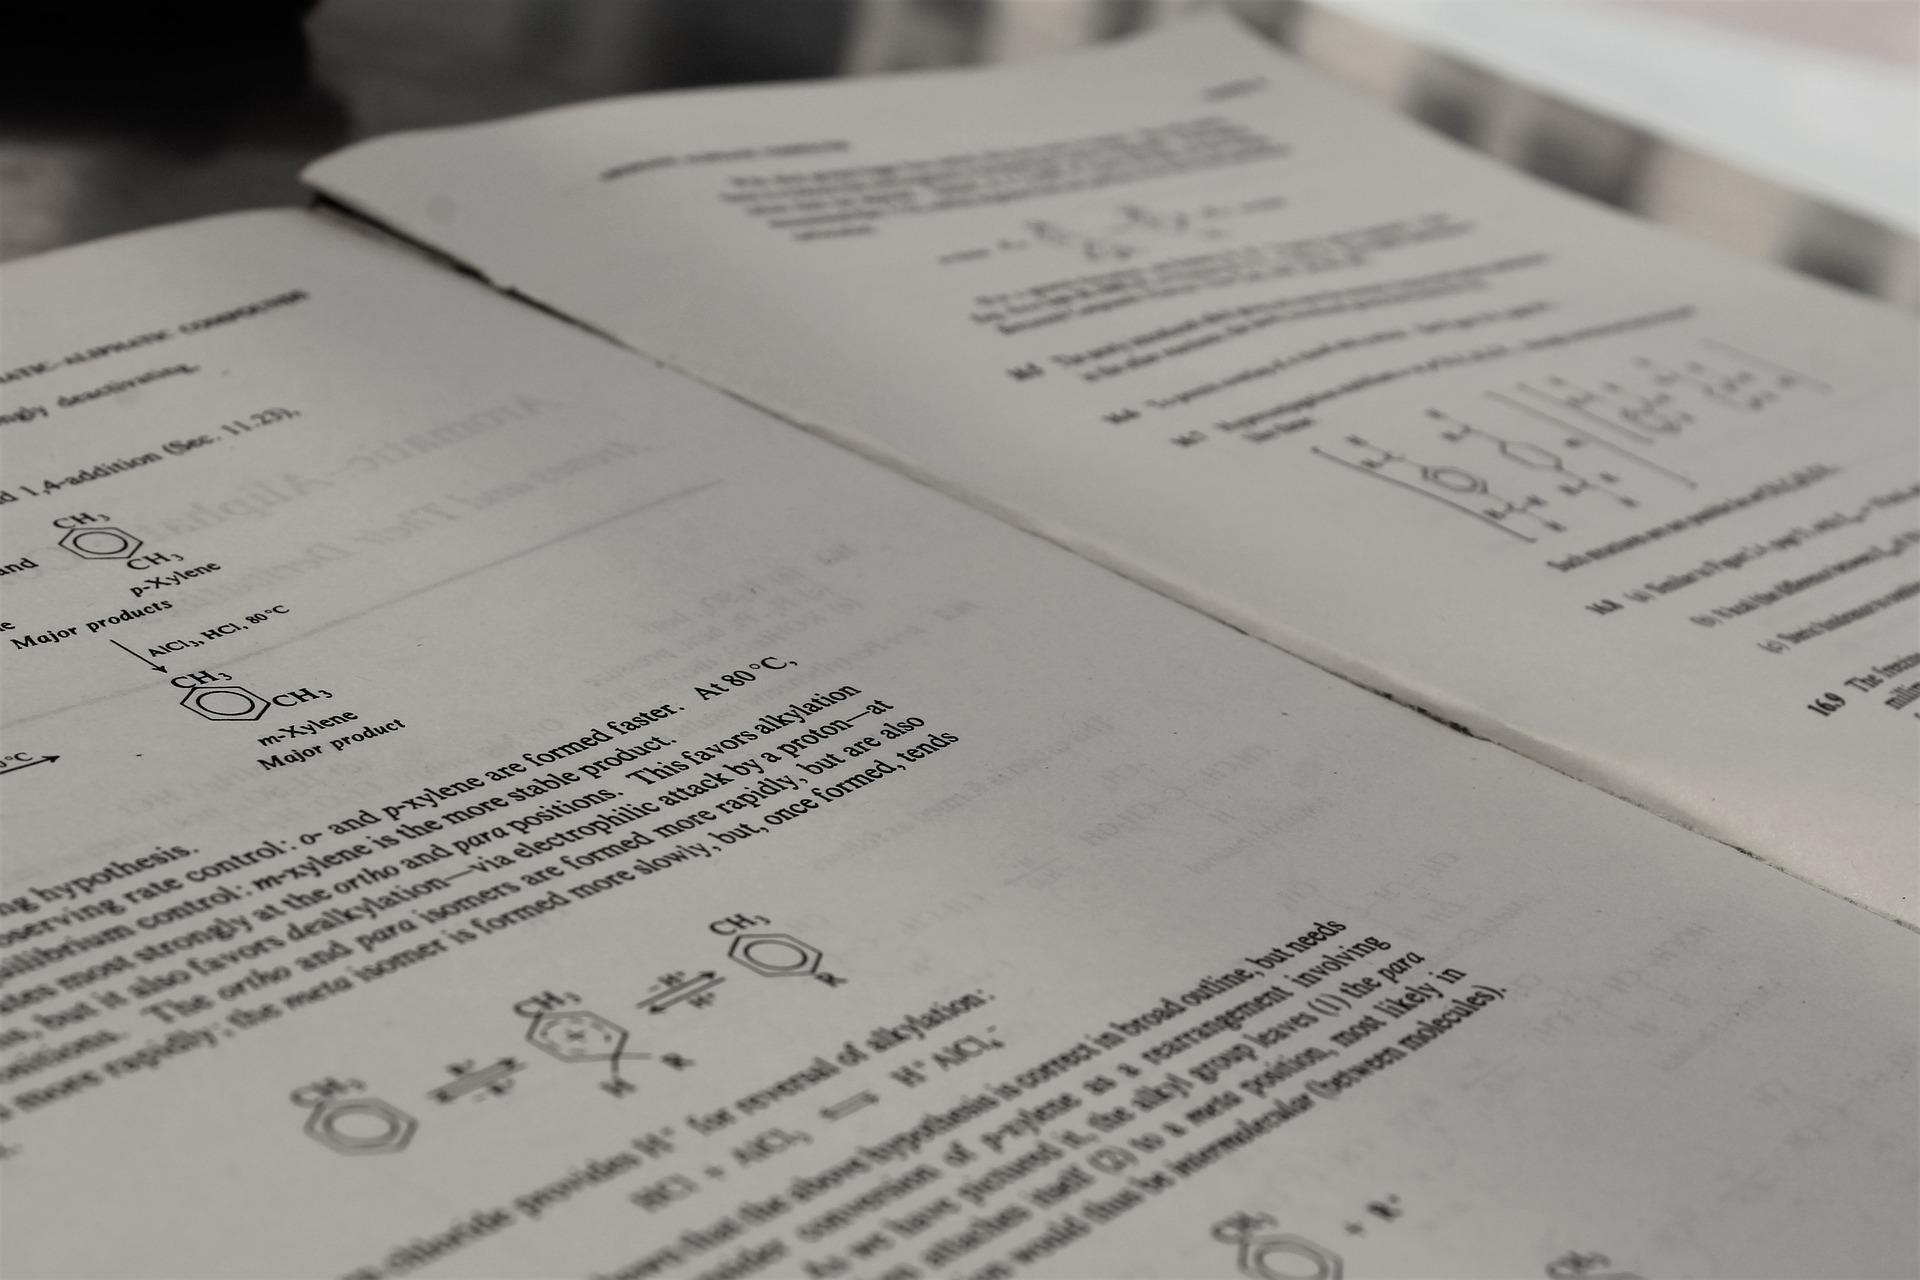 Les Privat Kimia